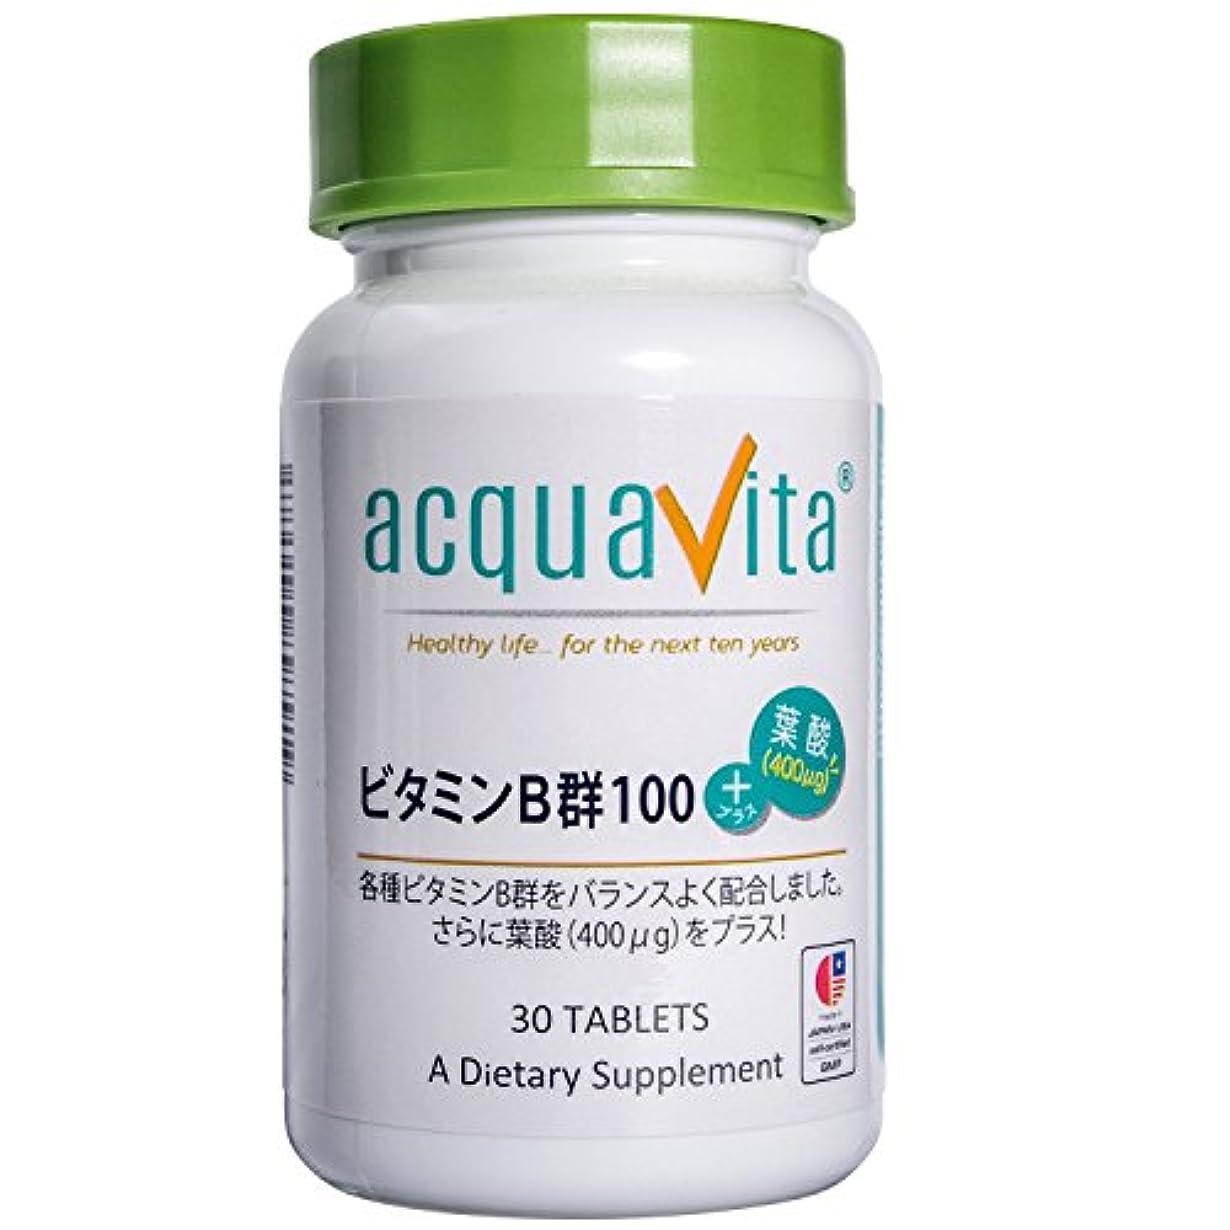 チェリー持参主権者acquavita(アクアヴィータ) ビタミンB群100+葉酸(400μg) 30粒